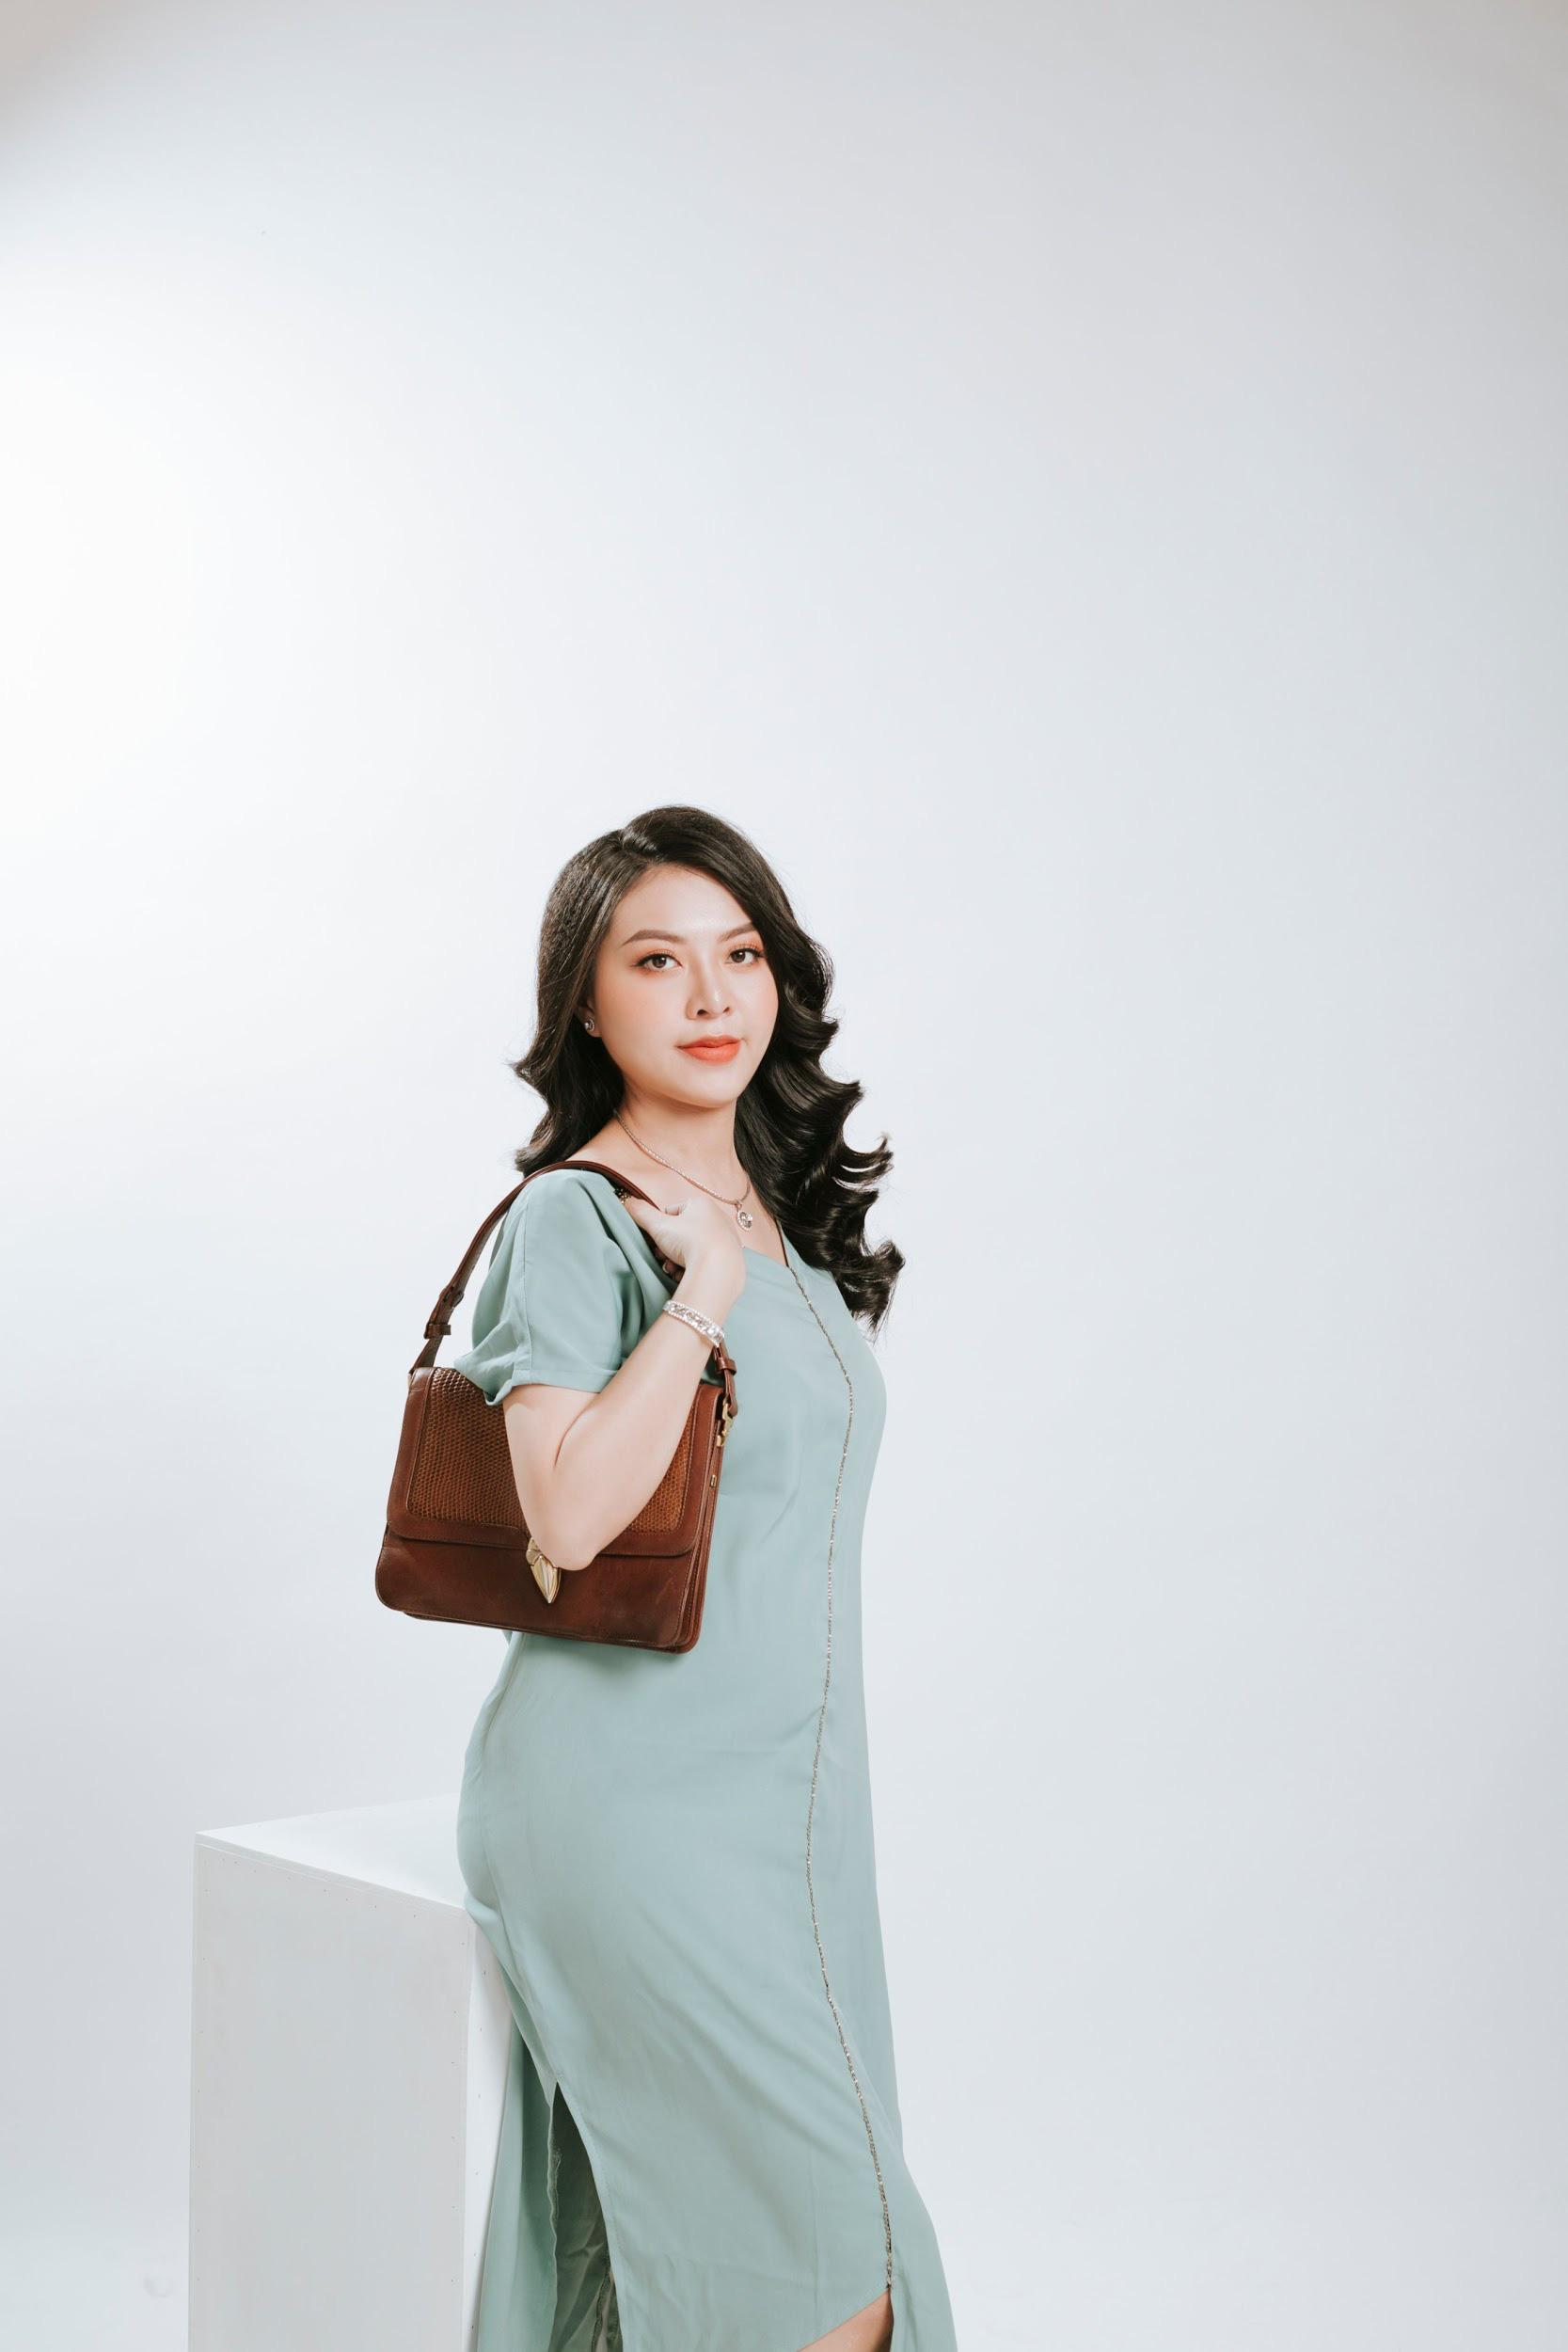 Kết hợp túi xách, diện đồ công sở sành điệu cùng Ngọc Quyên Shop - Ảnh 5.